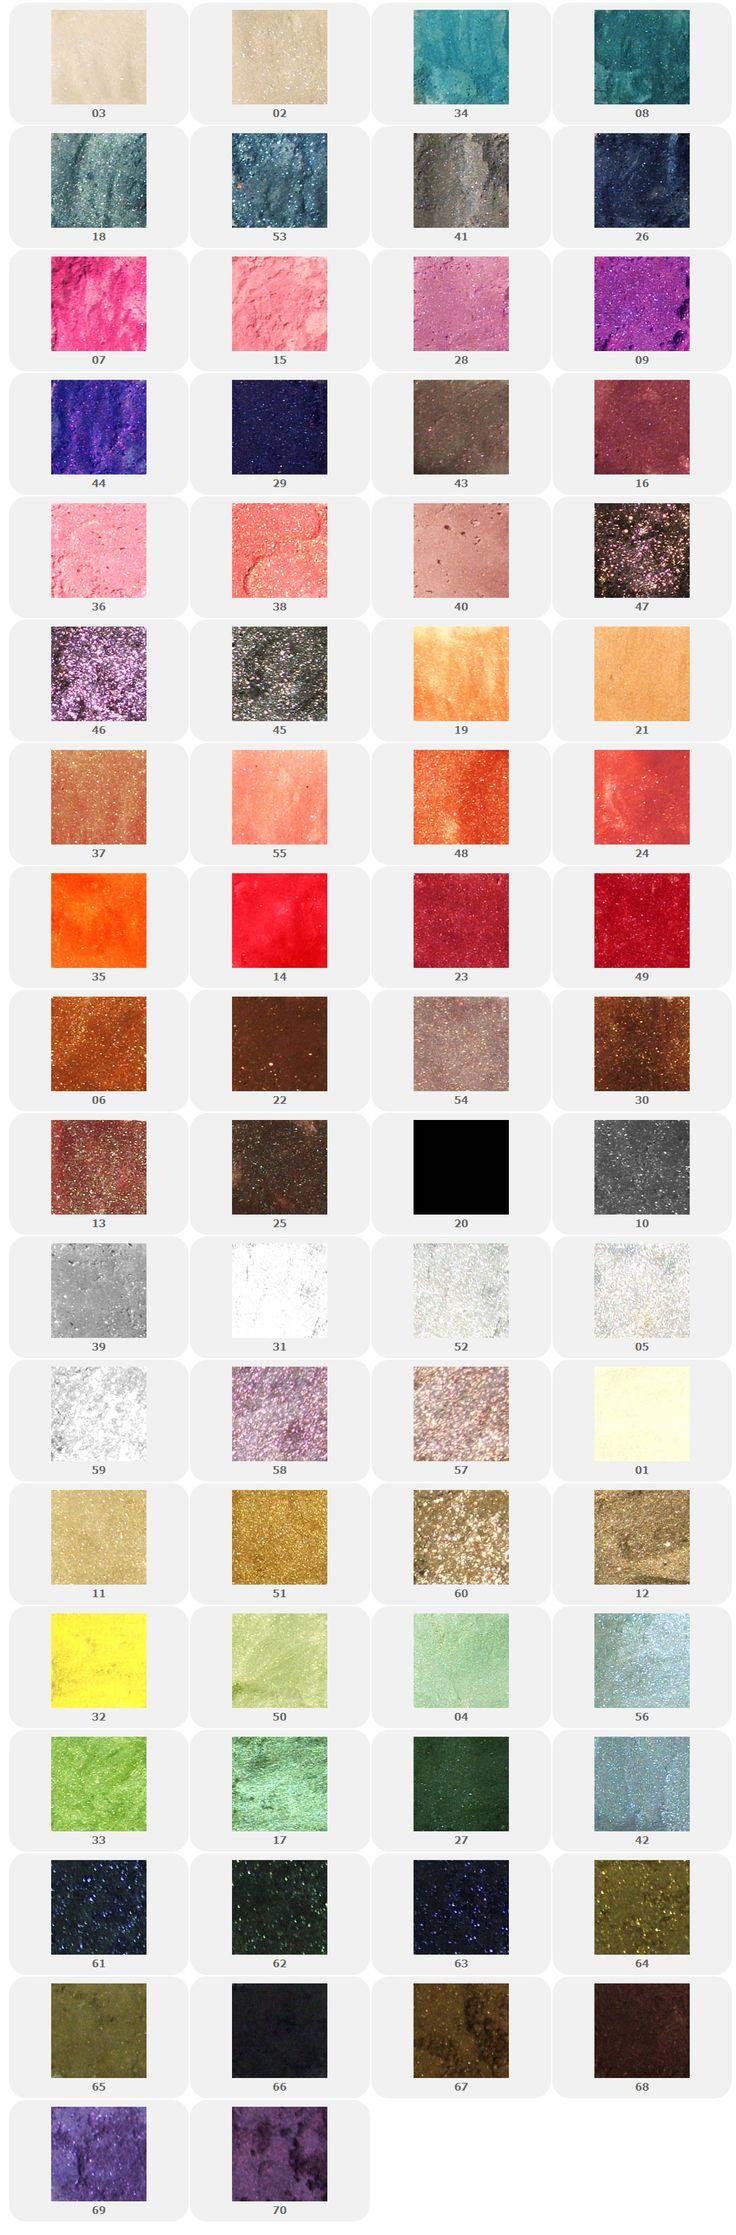 BEAUTY - KOSMETYKI DO MAKIJAŻU - APC Cosmetics - cienie do powiek, cienie sypkie, puder, puder w kulkach, błyszczyk, brokat, kosmetyki kolorowe, kosmetyki, puszek z pudrem, puszek, puder rozświetlający, puder w kamieniu, makijaż